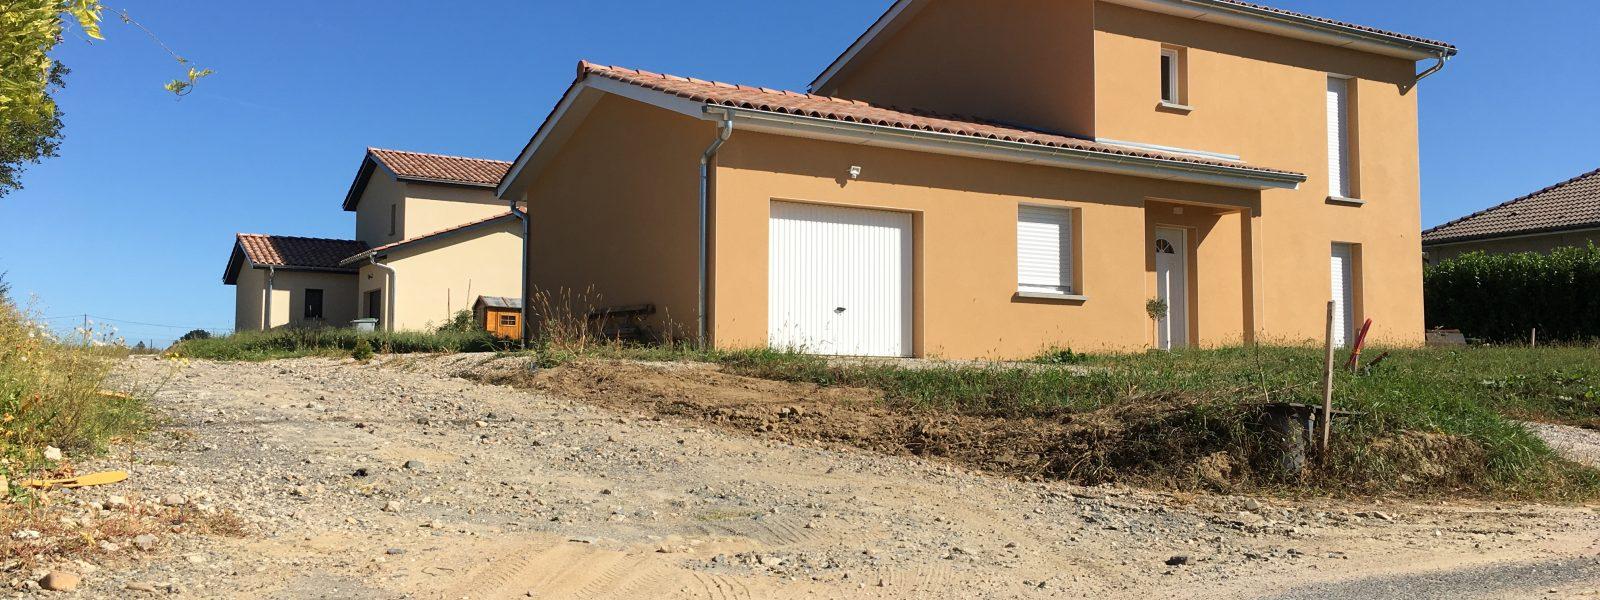 LES TERRES DE SAPEYSE - Visuel 1 - Impact immobilier 01